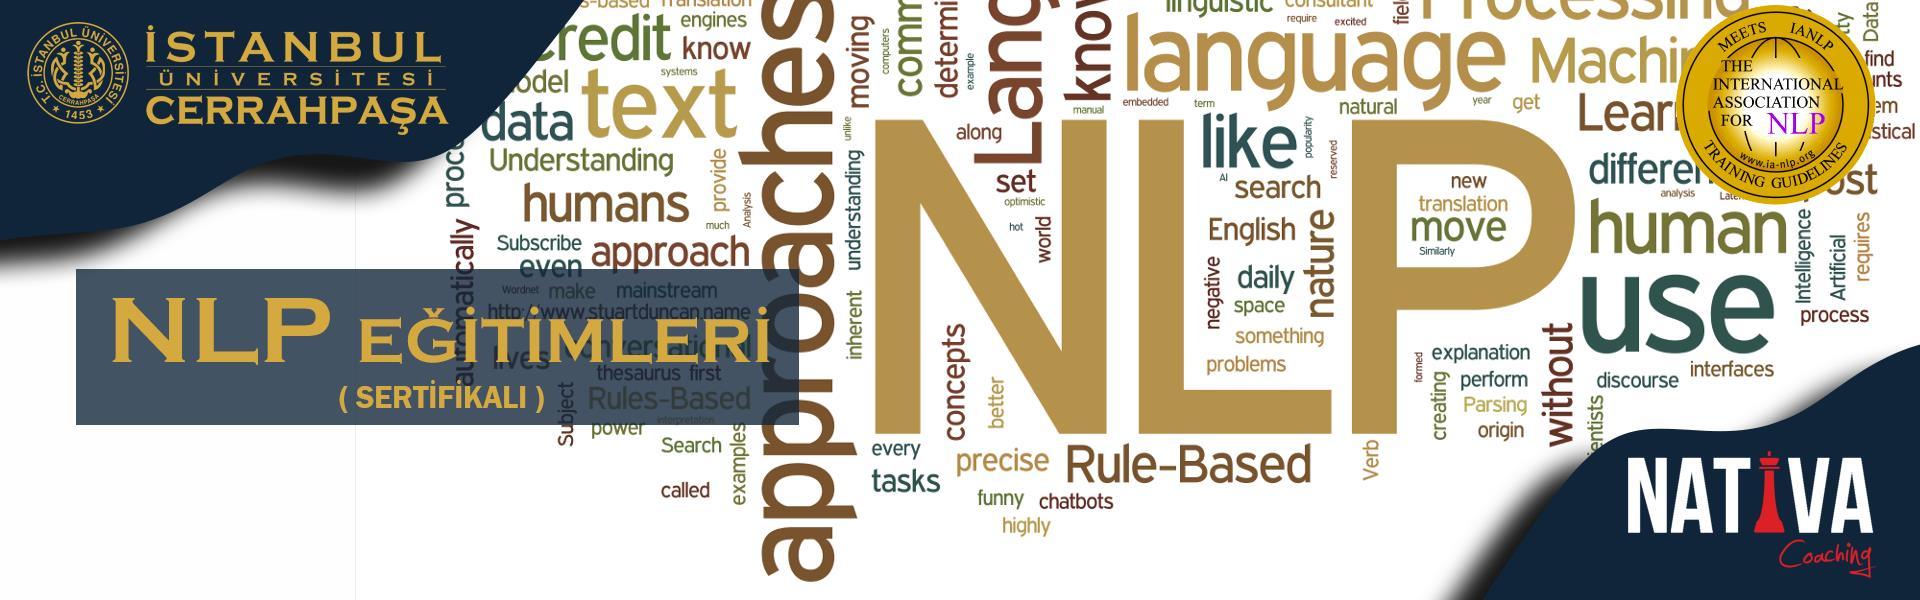 NLP-EĞİTİMLERİ IANLP Akreditasyon-Programı IANLP-Akreditasyon-Programı